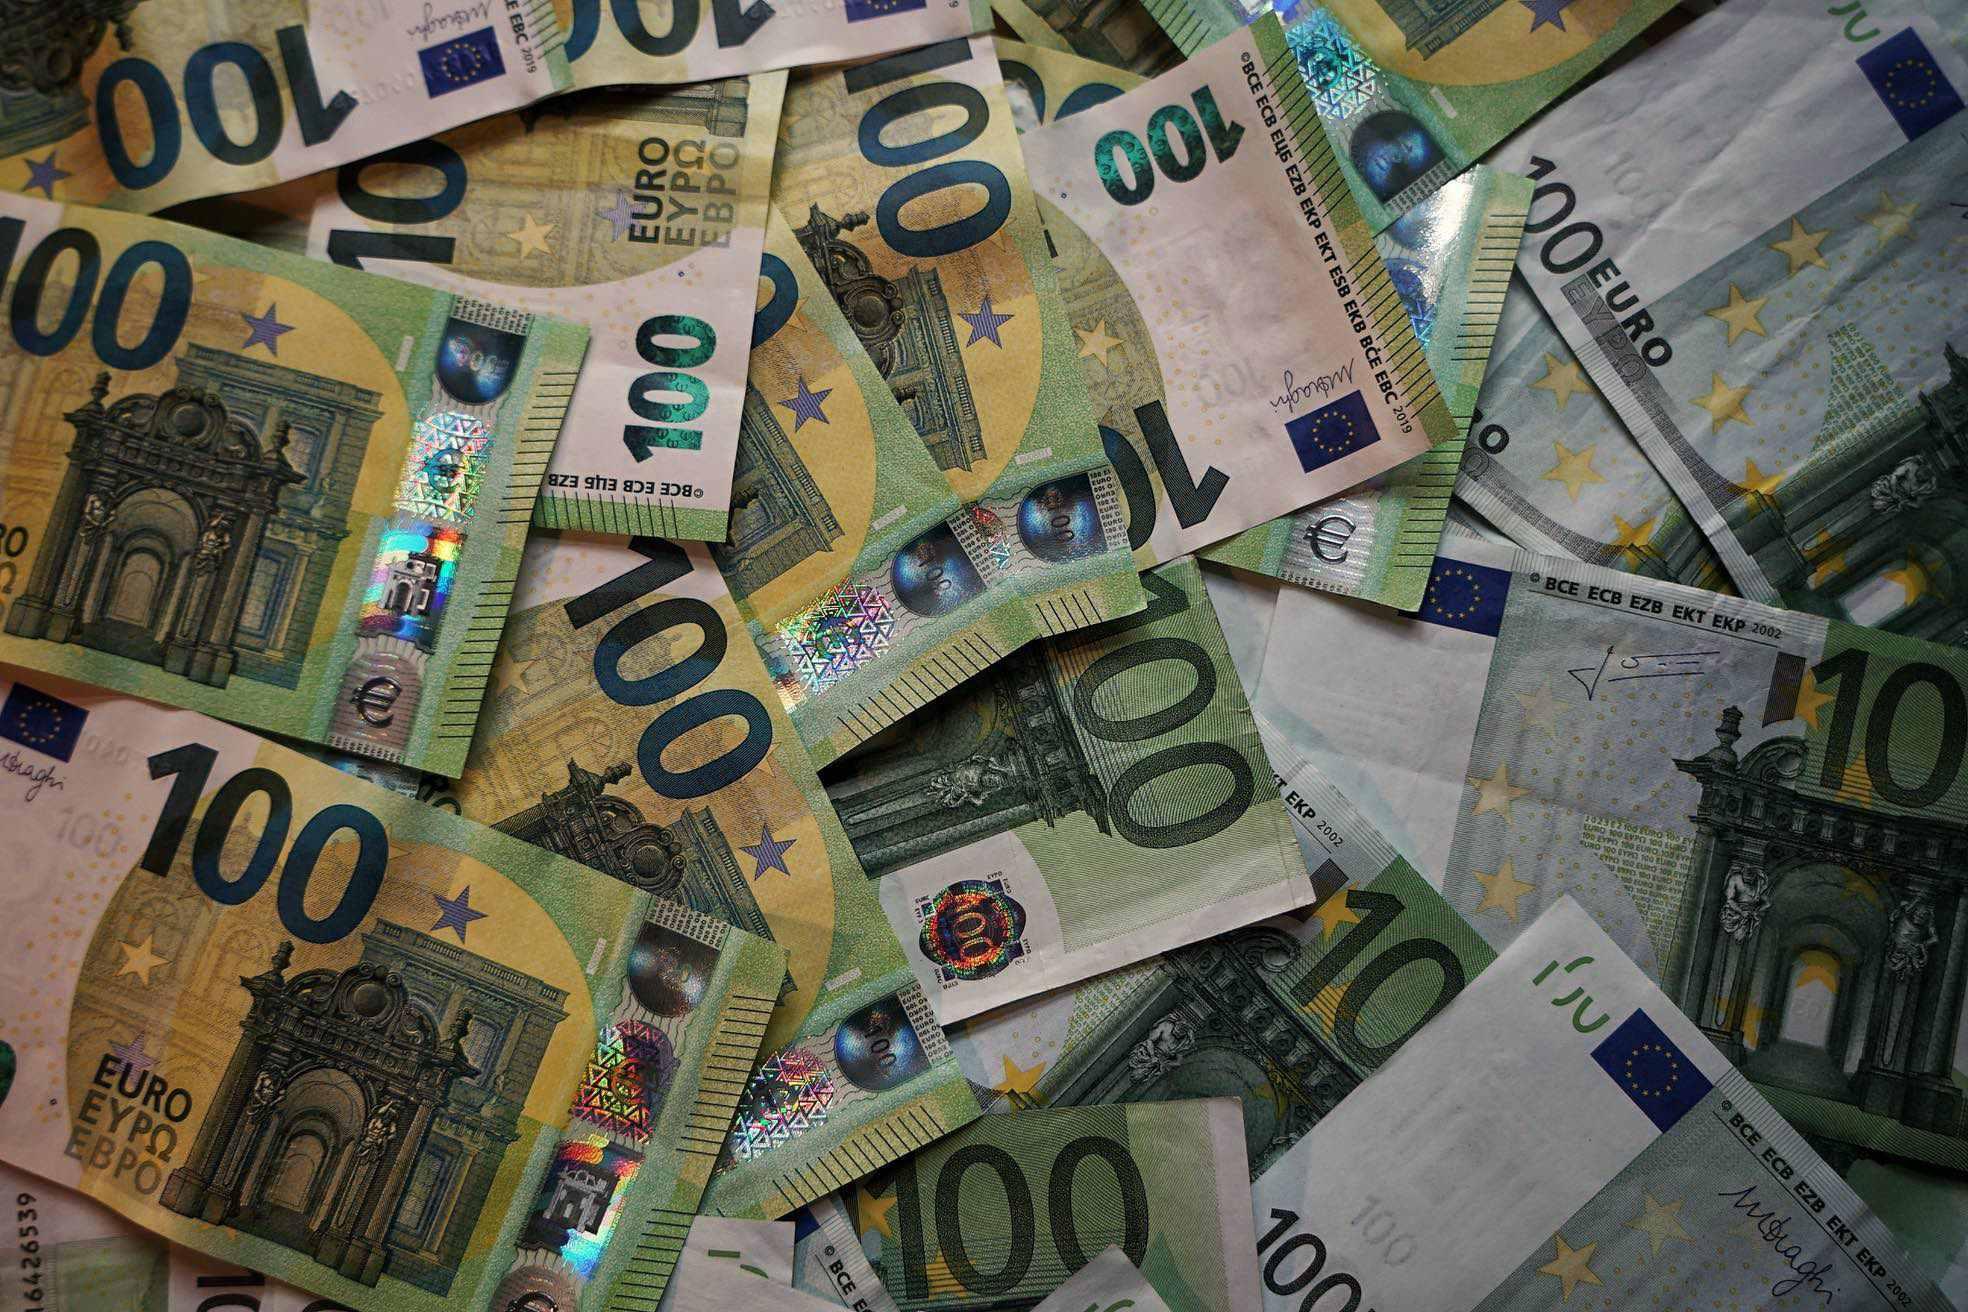 Euroscheine Höhe der Geldauflage